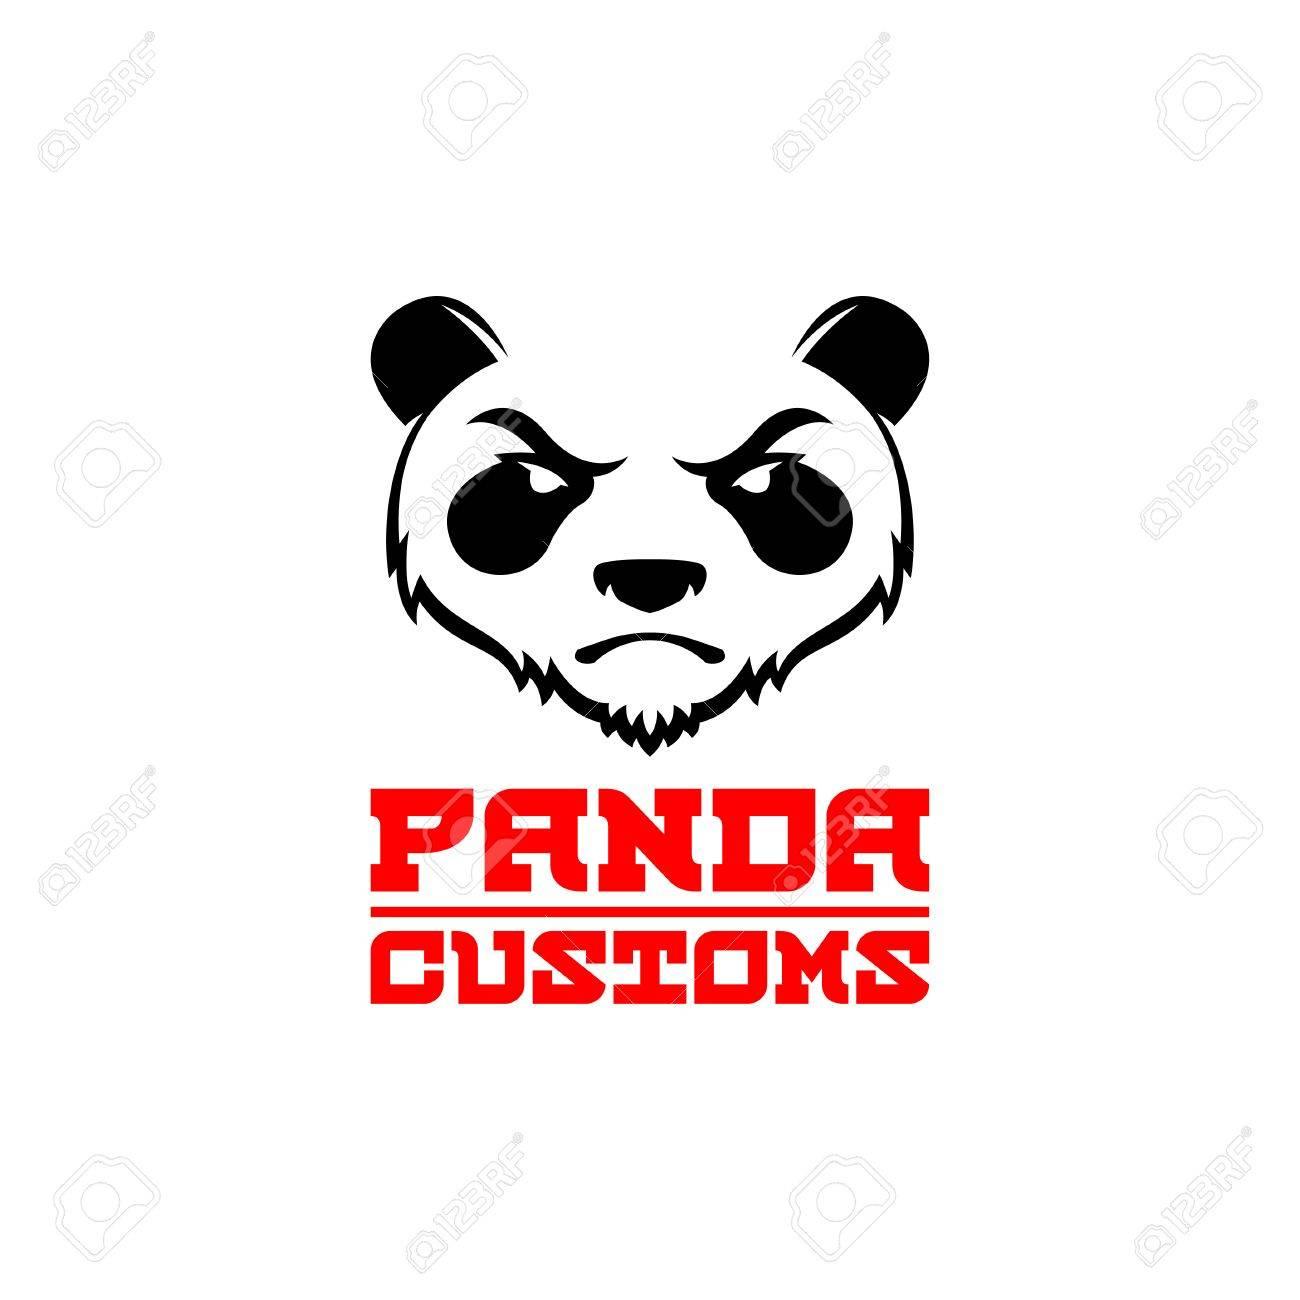 怒っているパンダのオリジナル デザイン エンブレム ラベル